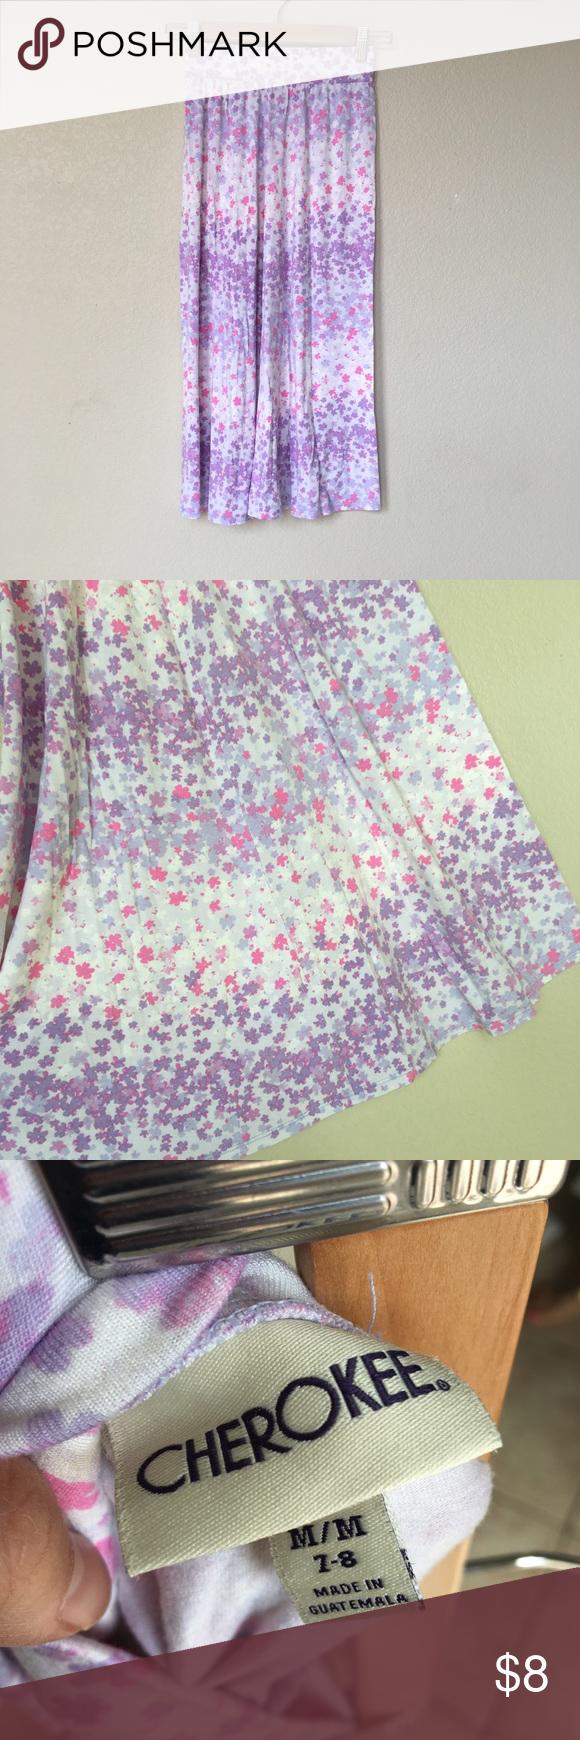 Long skirt girls 7/8 Like new. Size 7/8 girls long floral print skirt. Bottoms Skirts